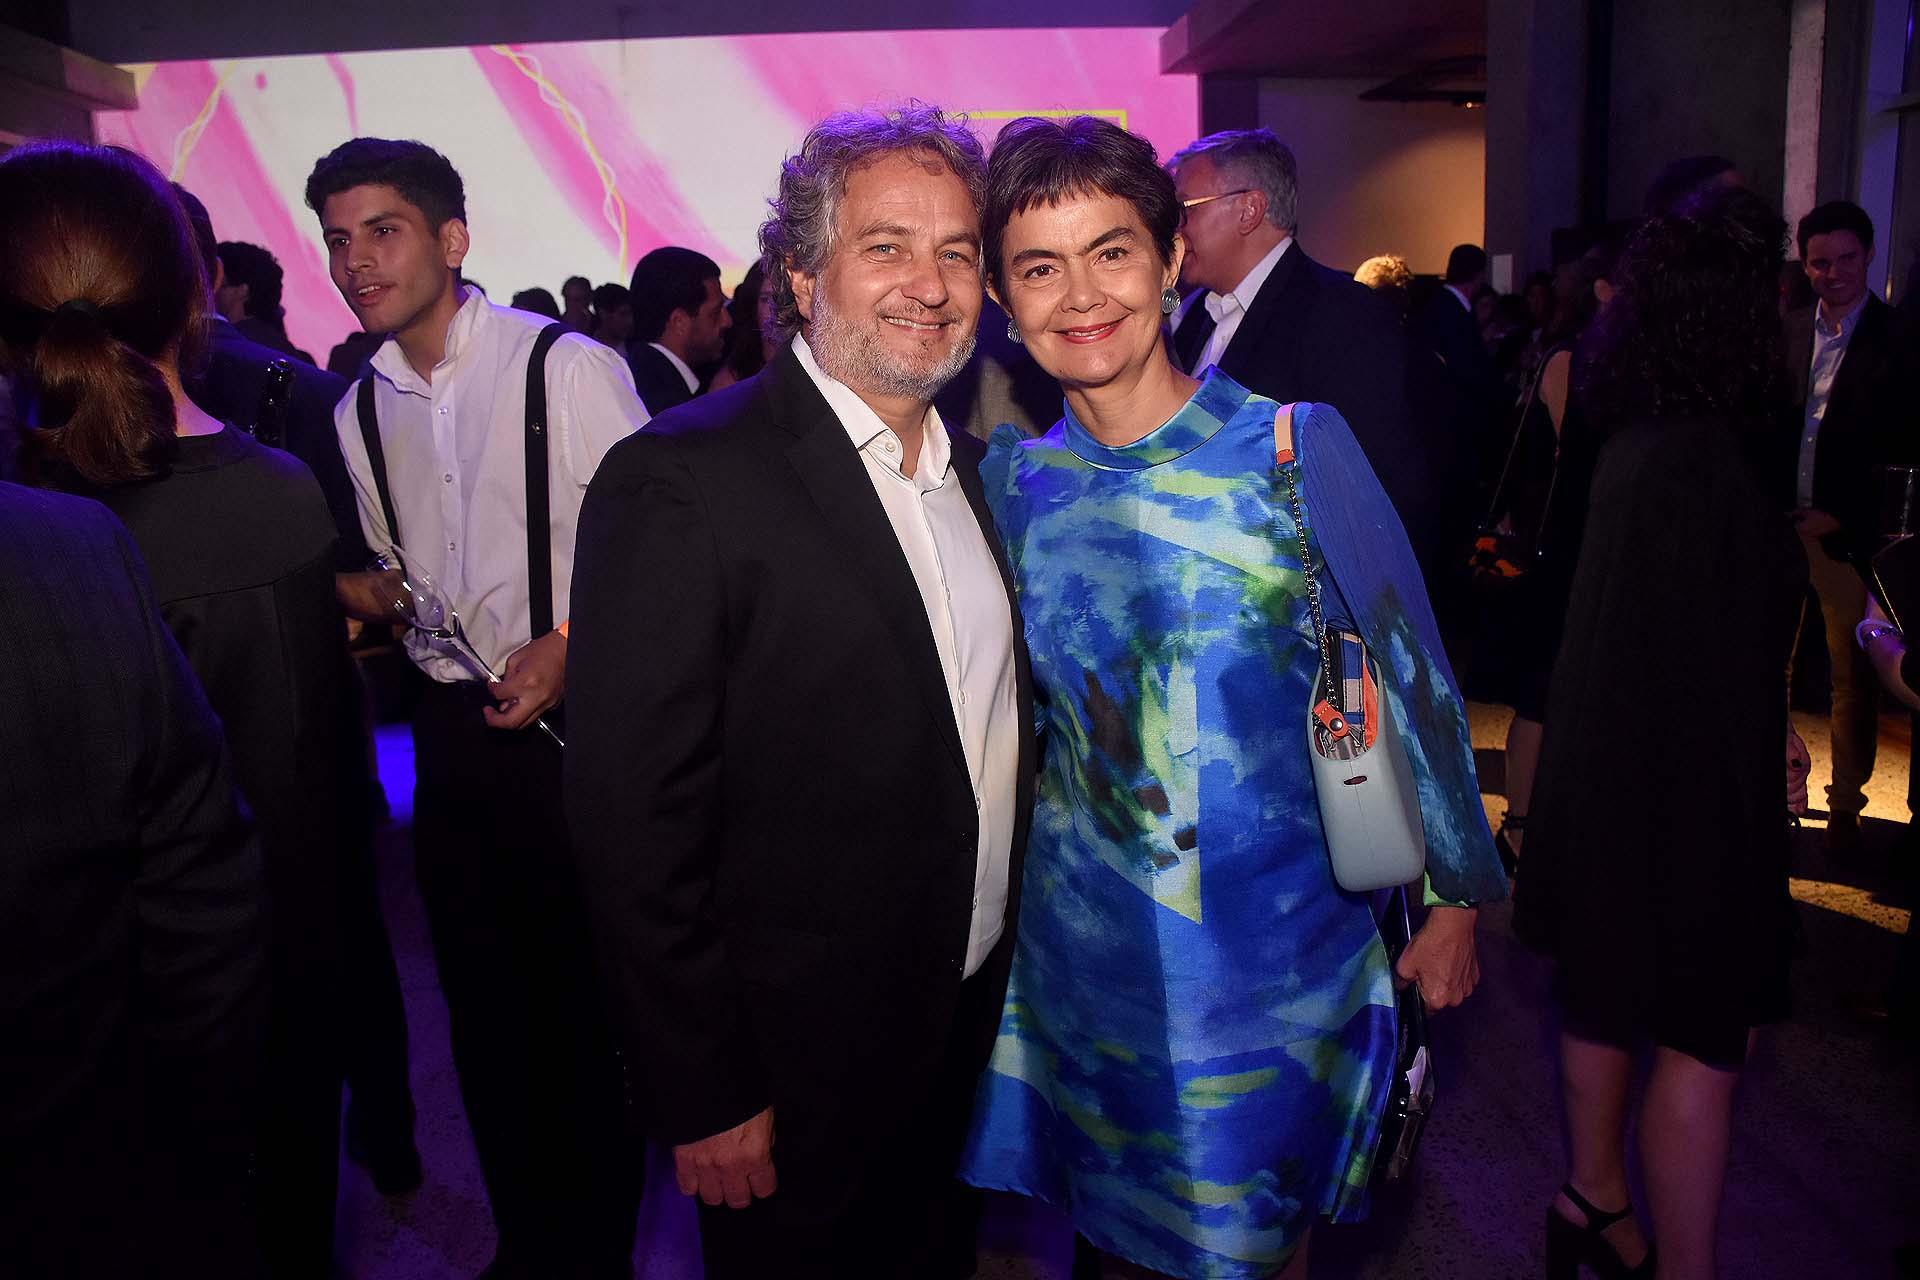 Guibert Englebienne, presidente de Endeavor Argentina, y María Eugenia Estenssoro, ex senadora y cofundadora de Endeavor Argentina.